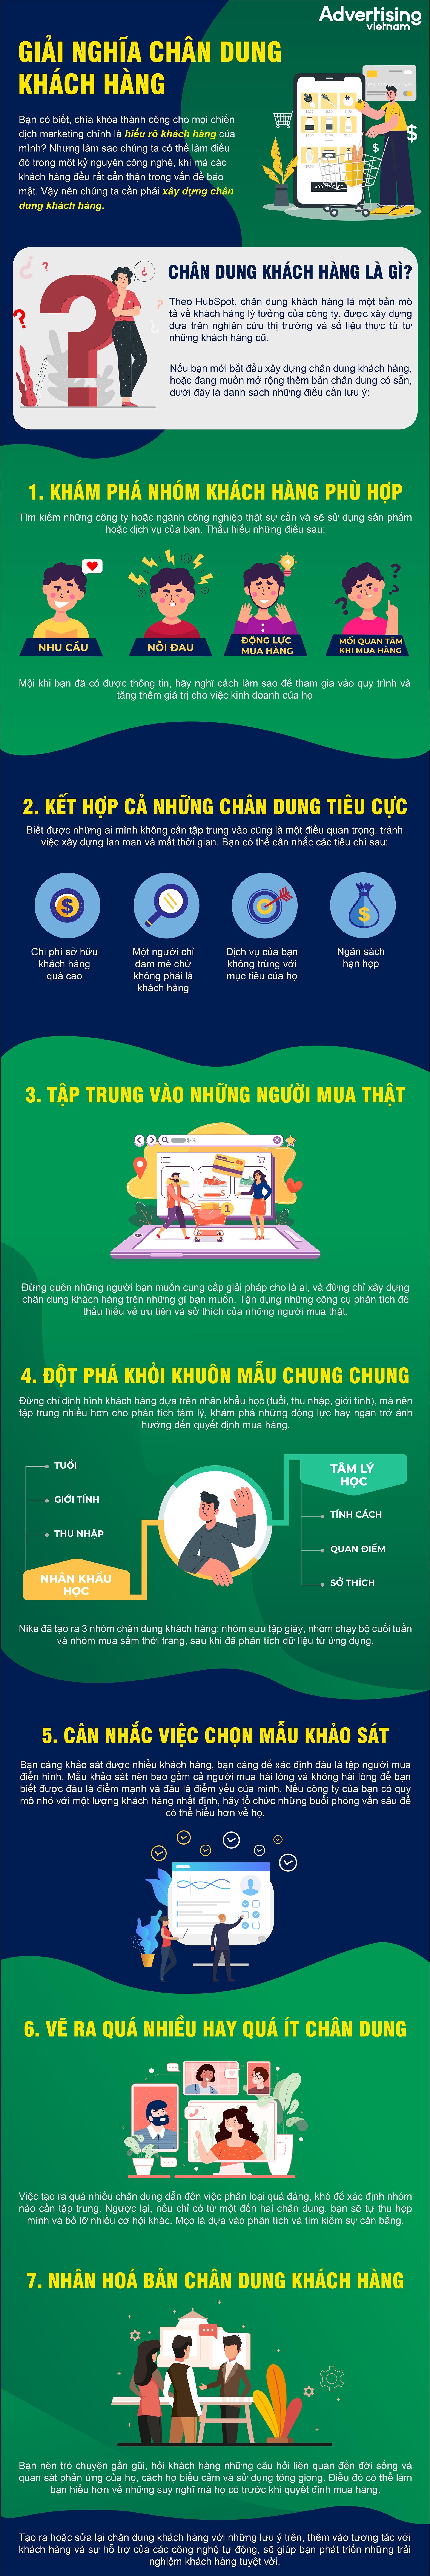 [Infographic] Thiết lập chân dung khách hàng hiệu quả